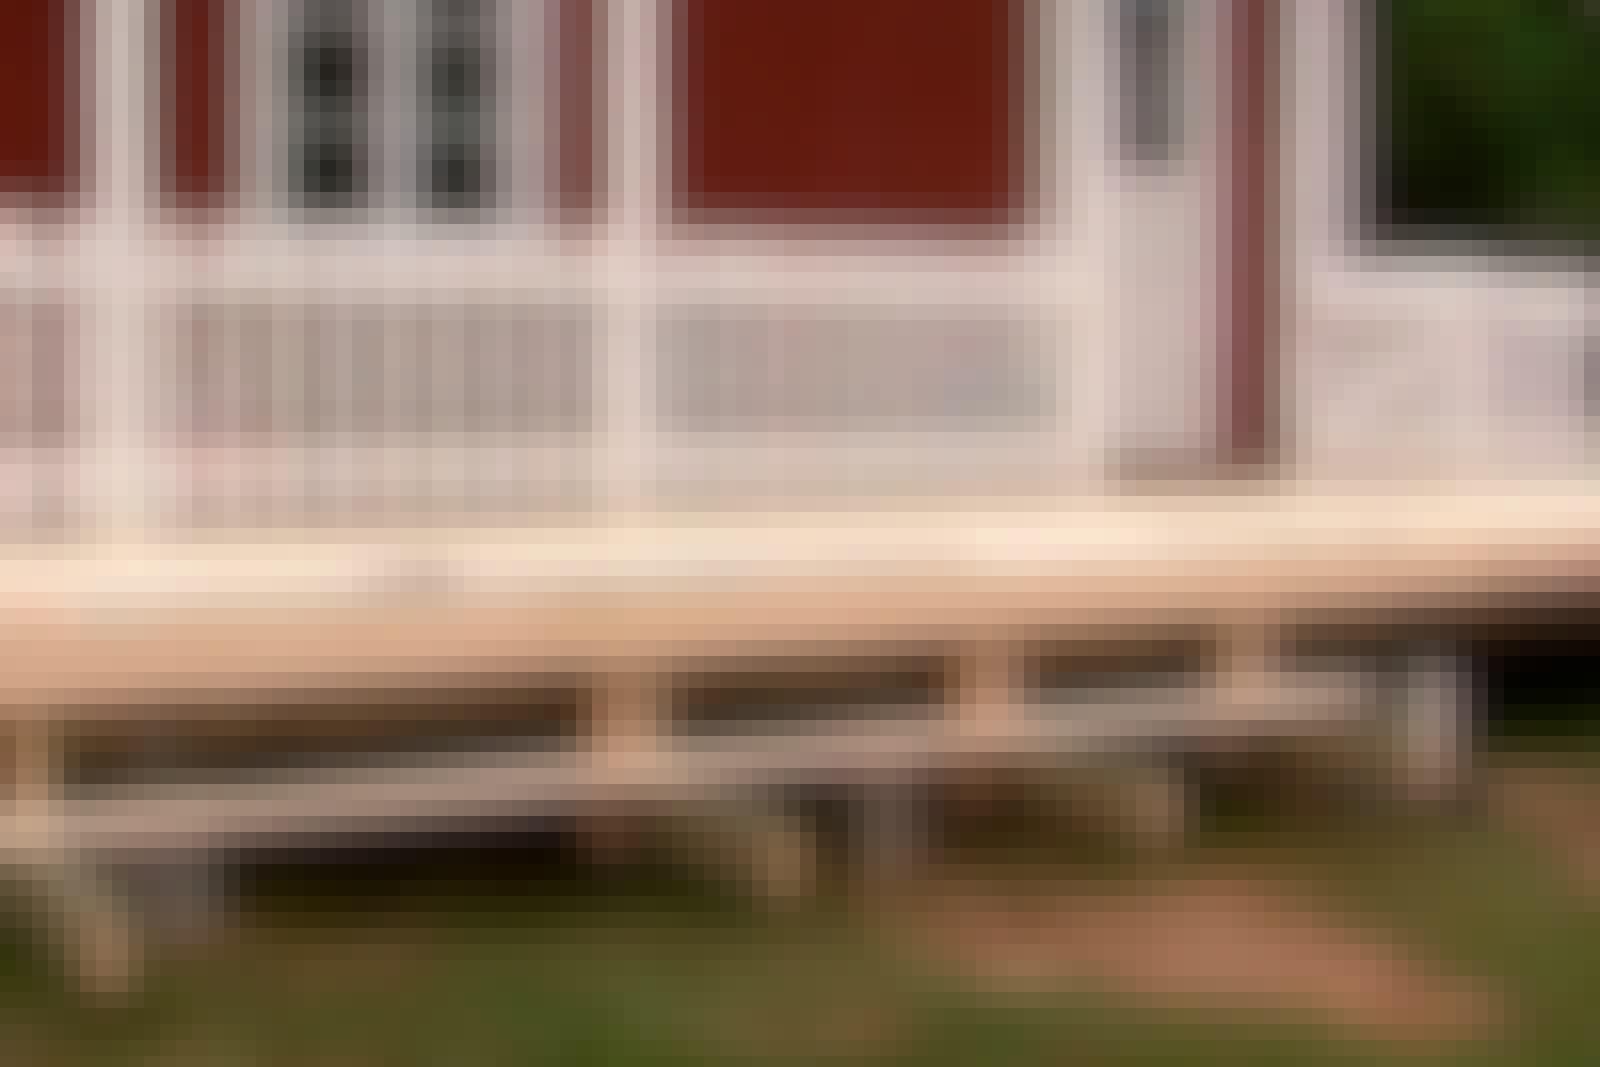 Altanräcke: Ett av de vanligaste sätten är att bygga altanräcket av lodräta stolpar.